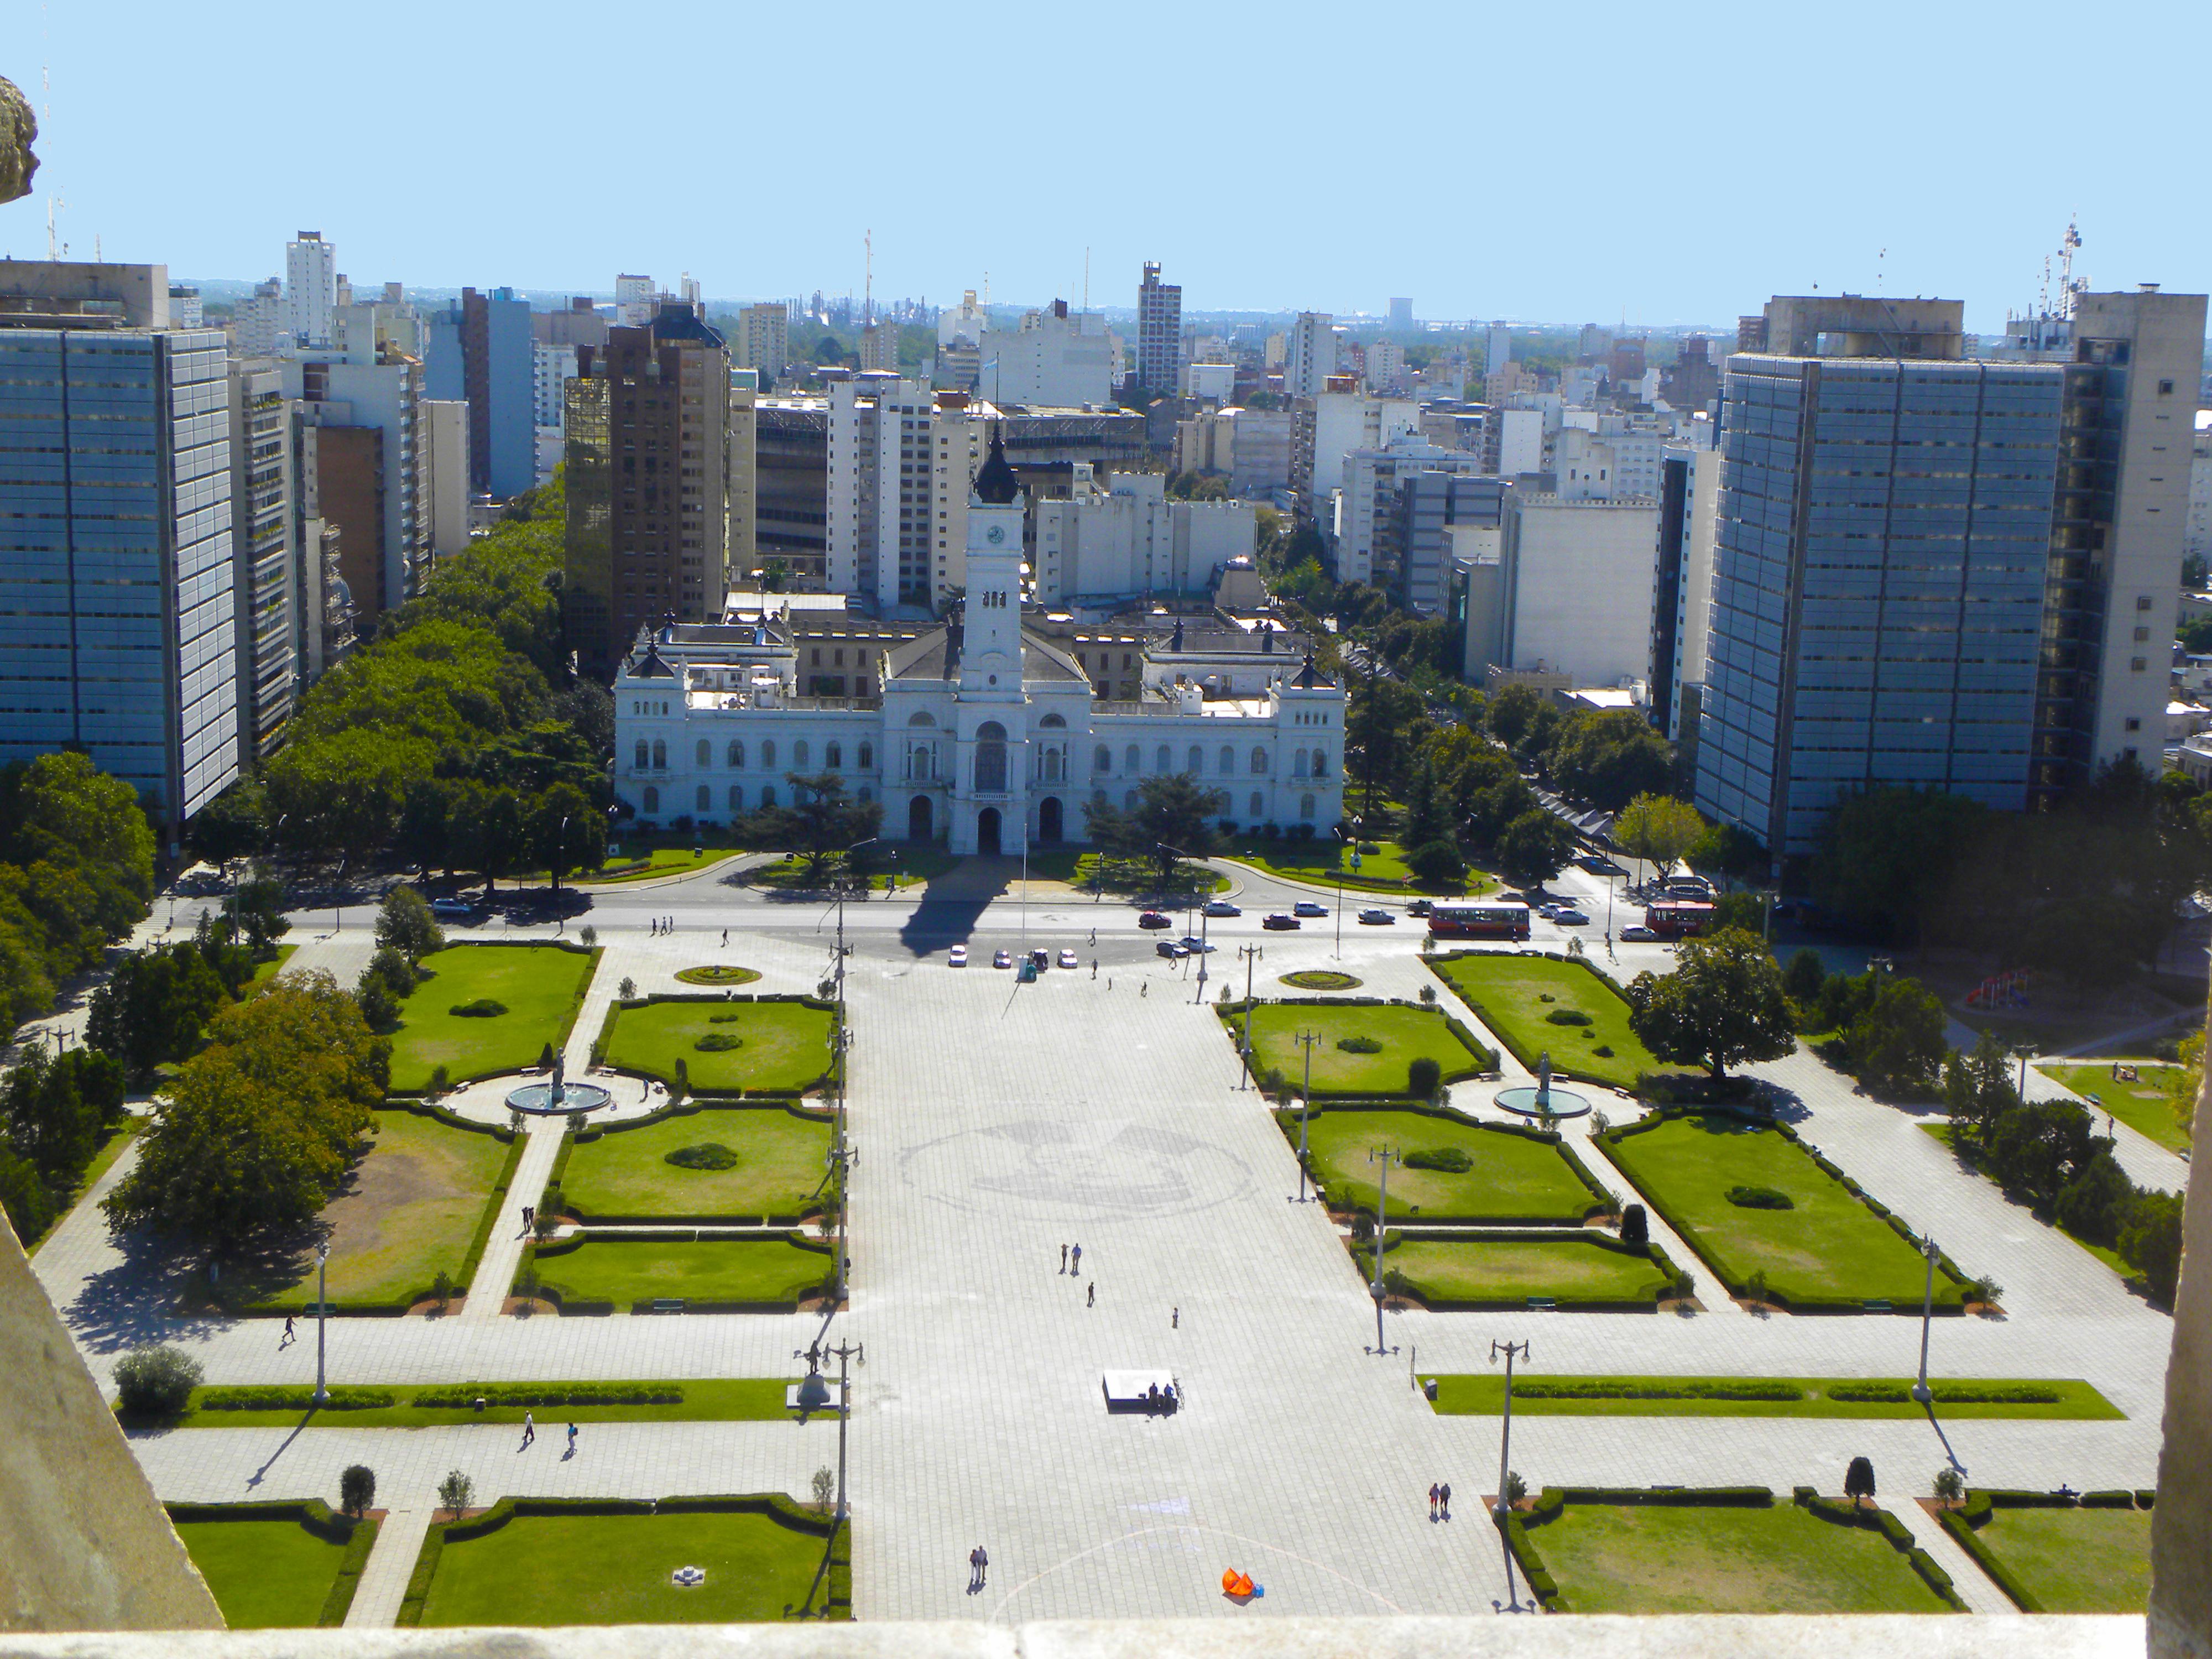 File:Centro Histórico La Plata.jpg - Wikimedia Commons